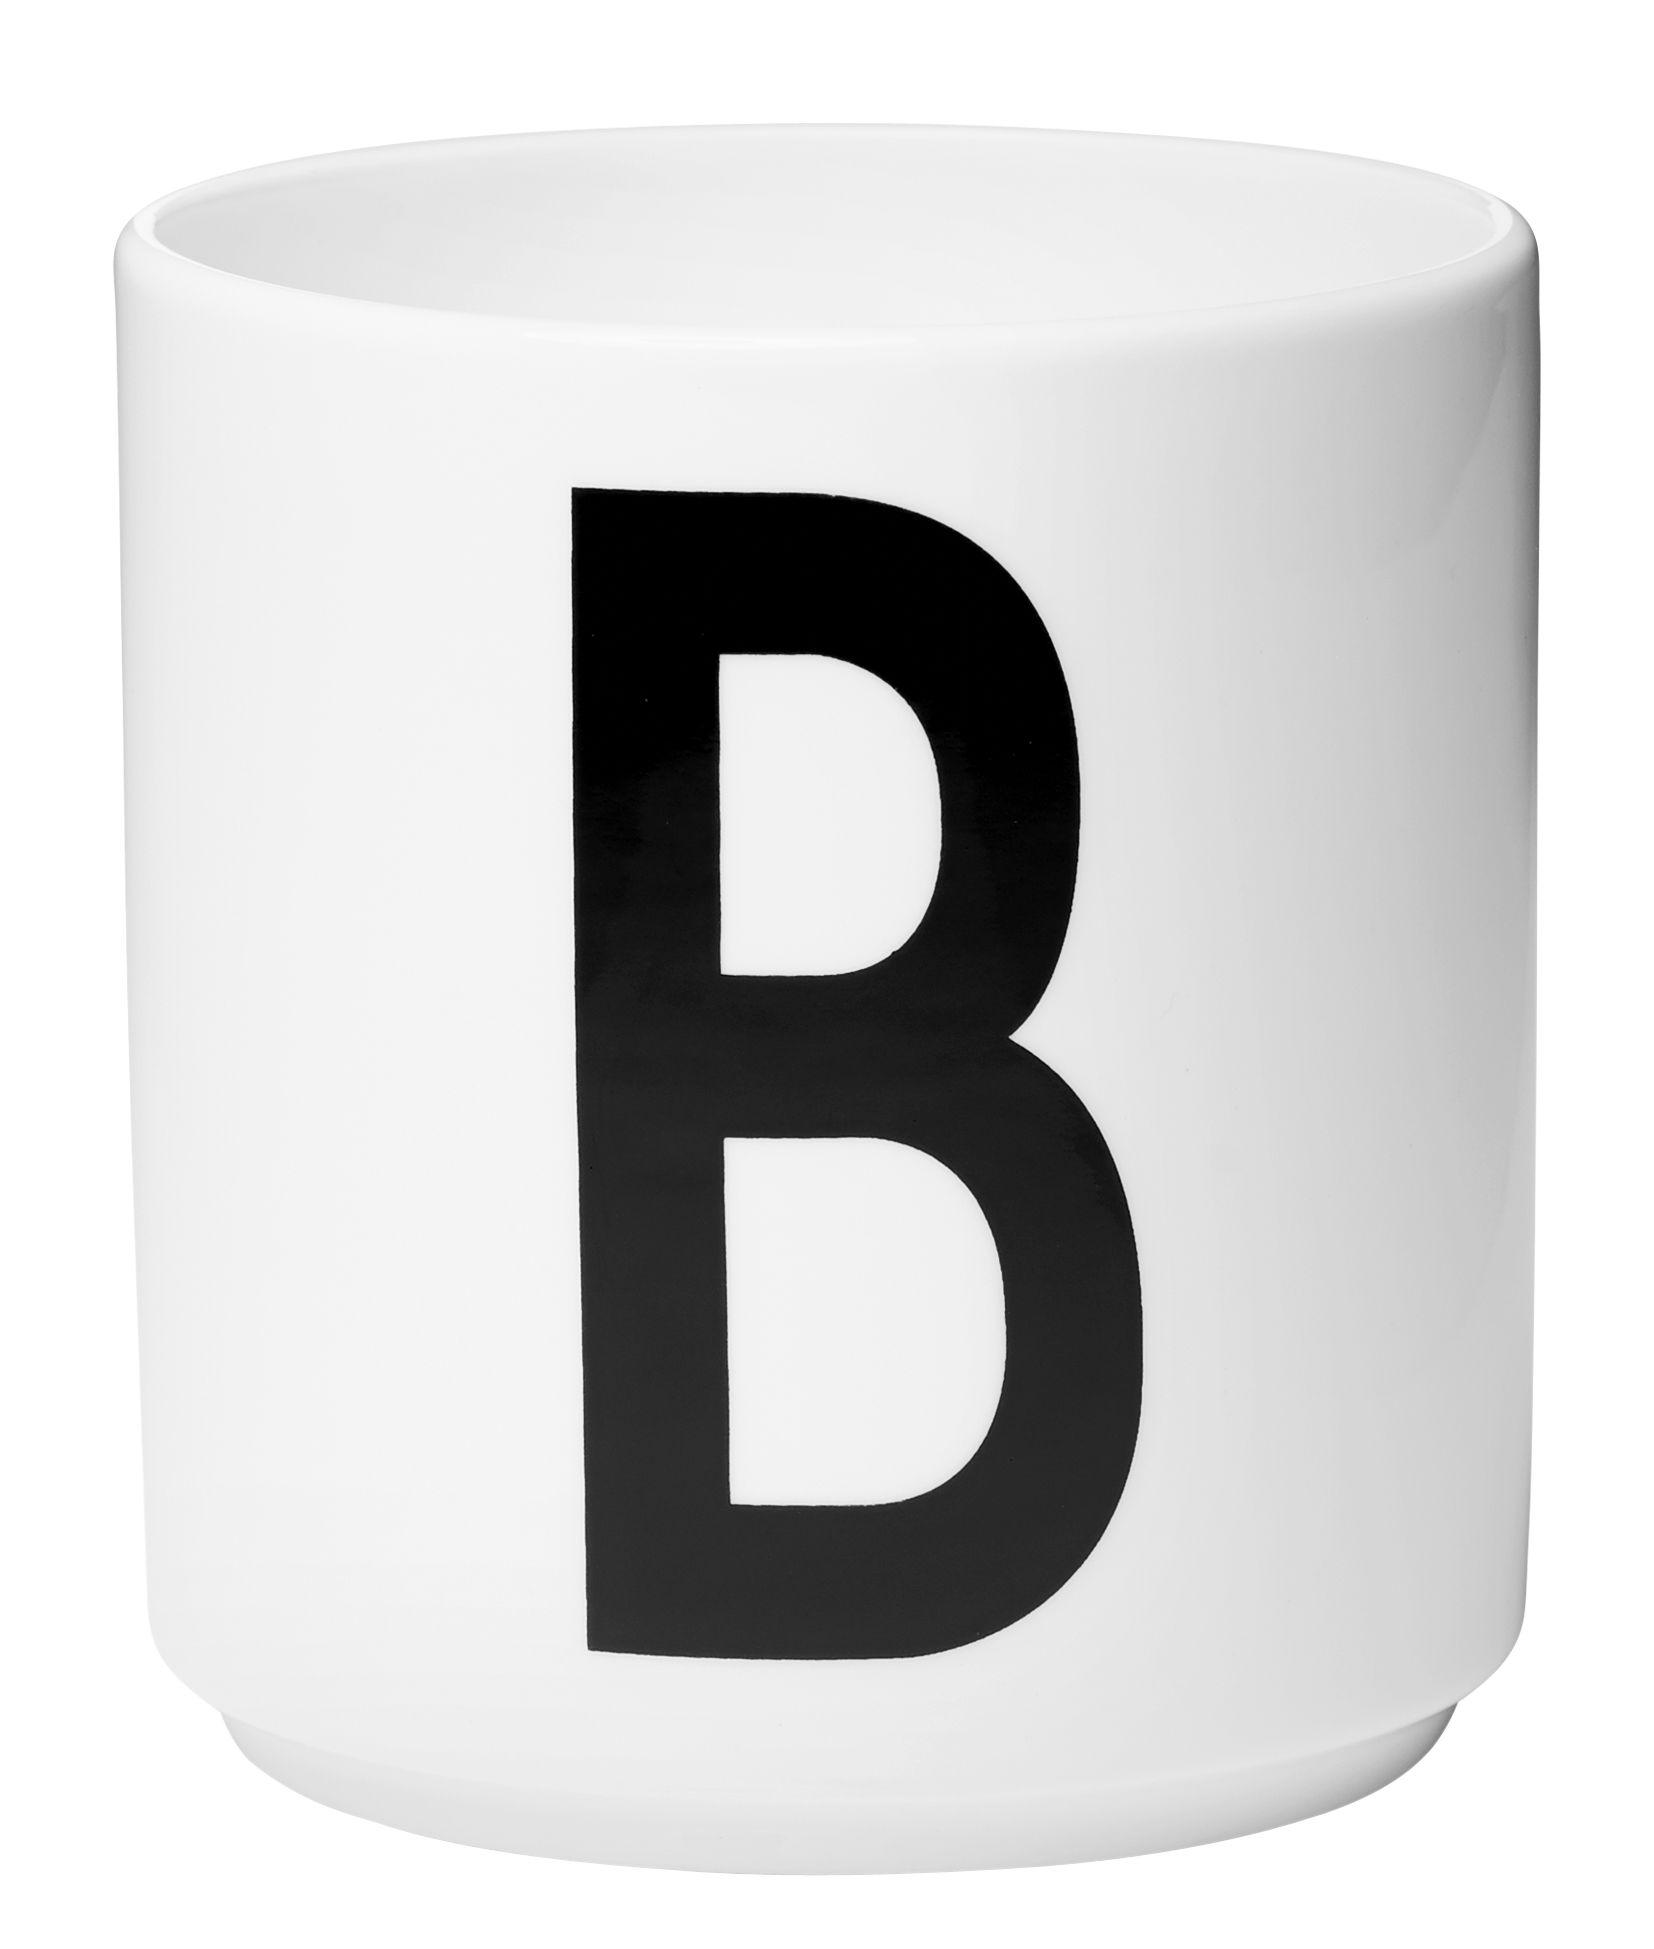 mug arne jacobsen porcelaine lettre b blanc lettre b design letters. Black Bedroom Furniture Sets. Home Design Ideas